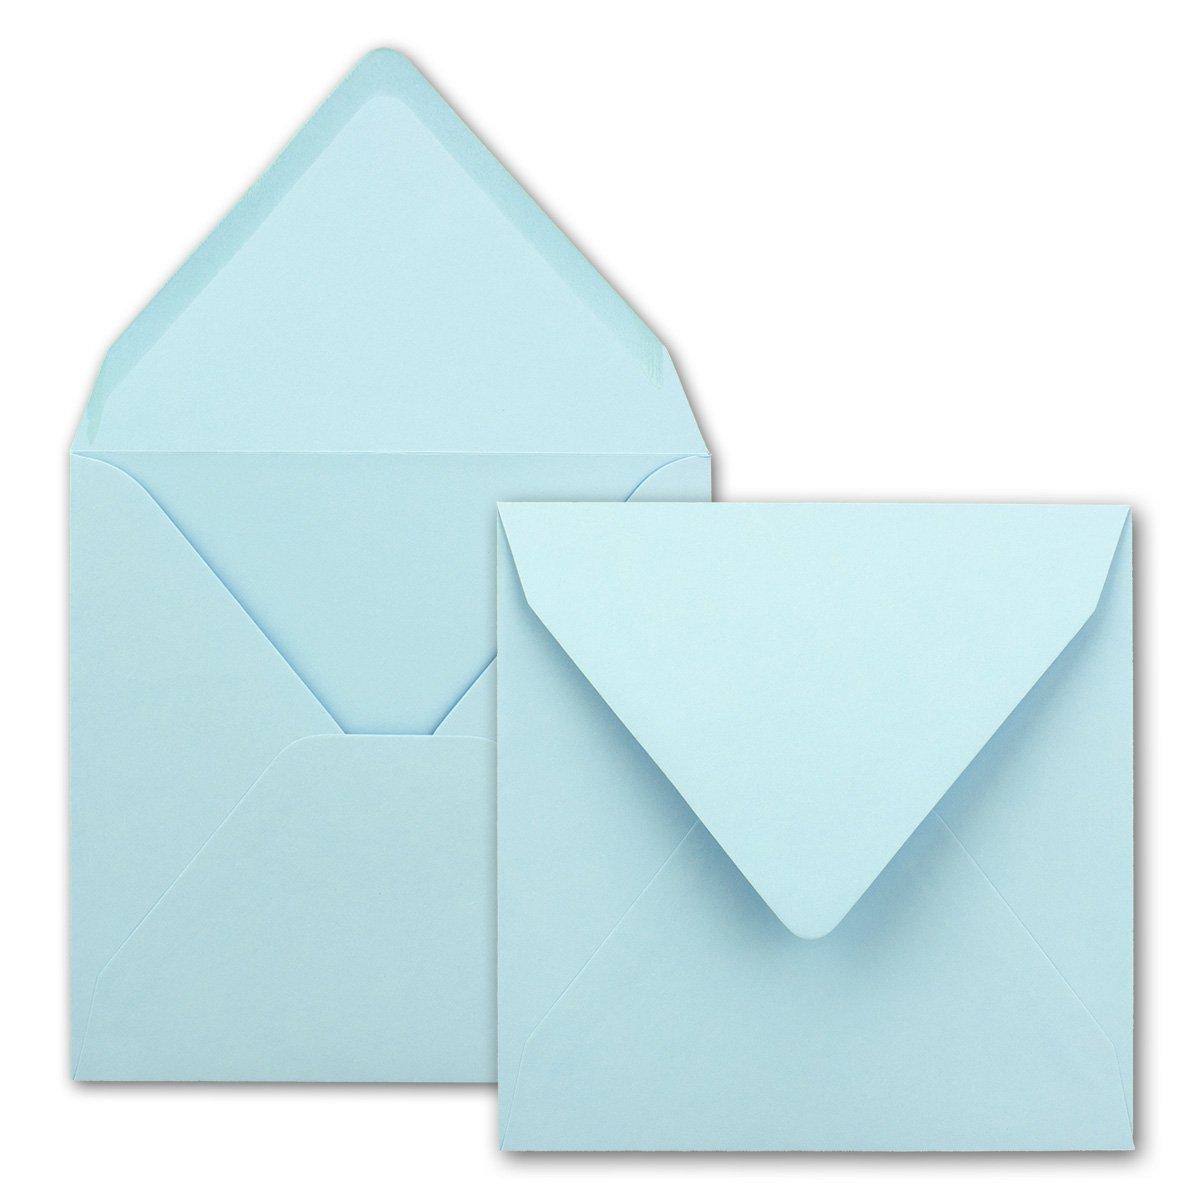 Buste per lettere, quadrate/azzurro, qualità pesante–molto stabile–110G/m², 158x 158mm, nassklebung, pizzo portafoglio//in della Serie colore felici di Neuser. 25 Umschläge blu chiaro